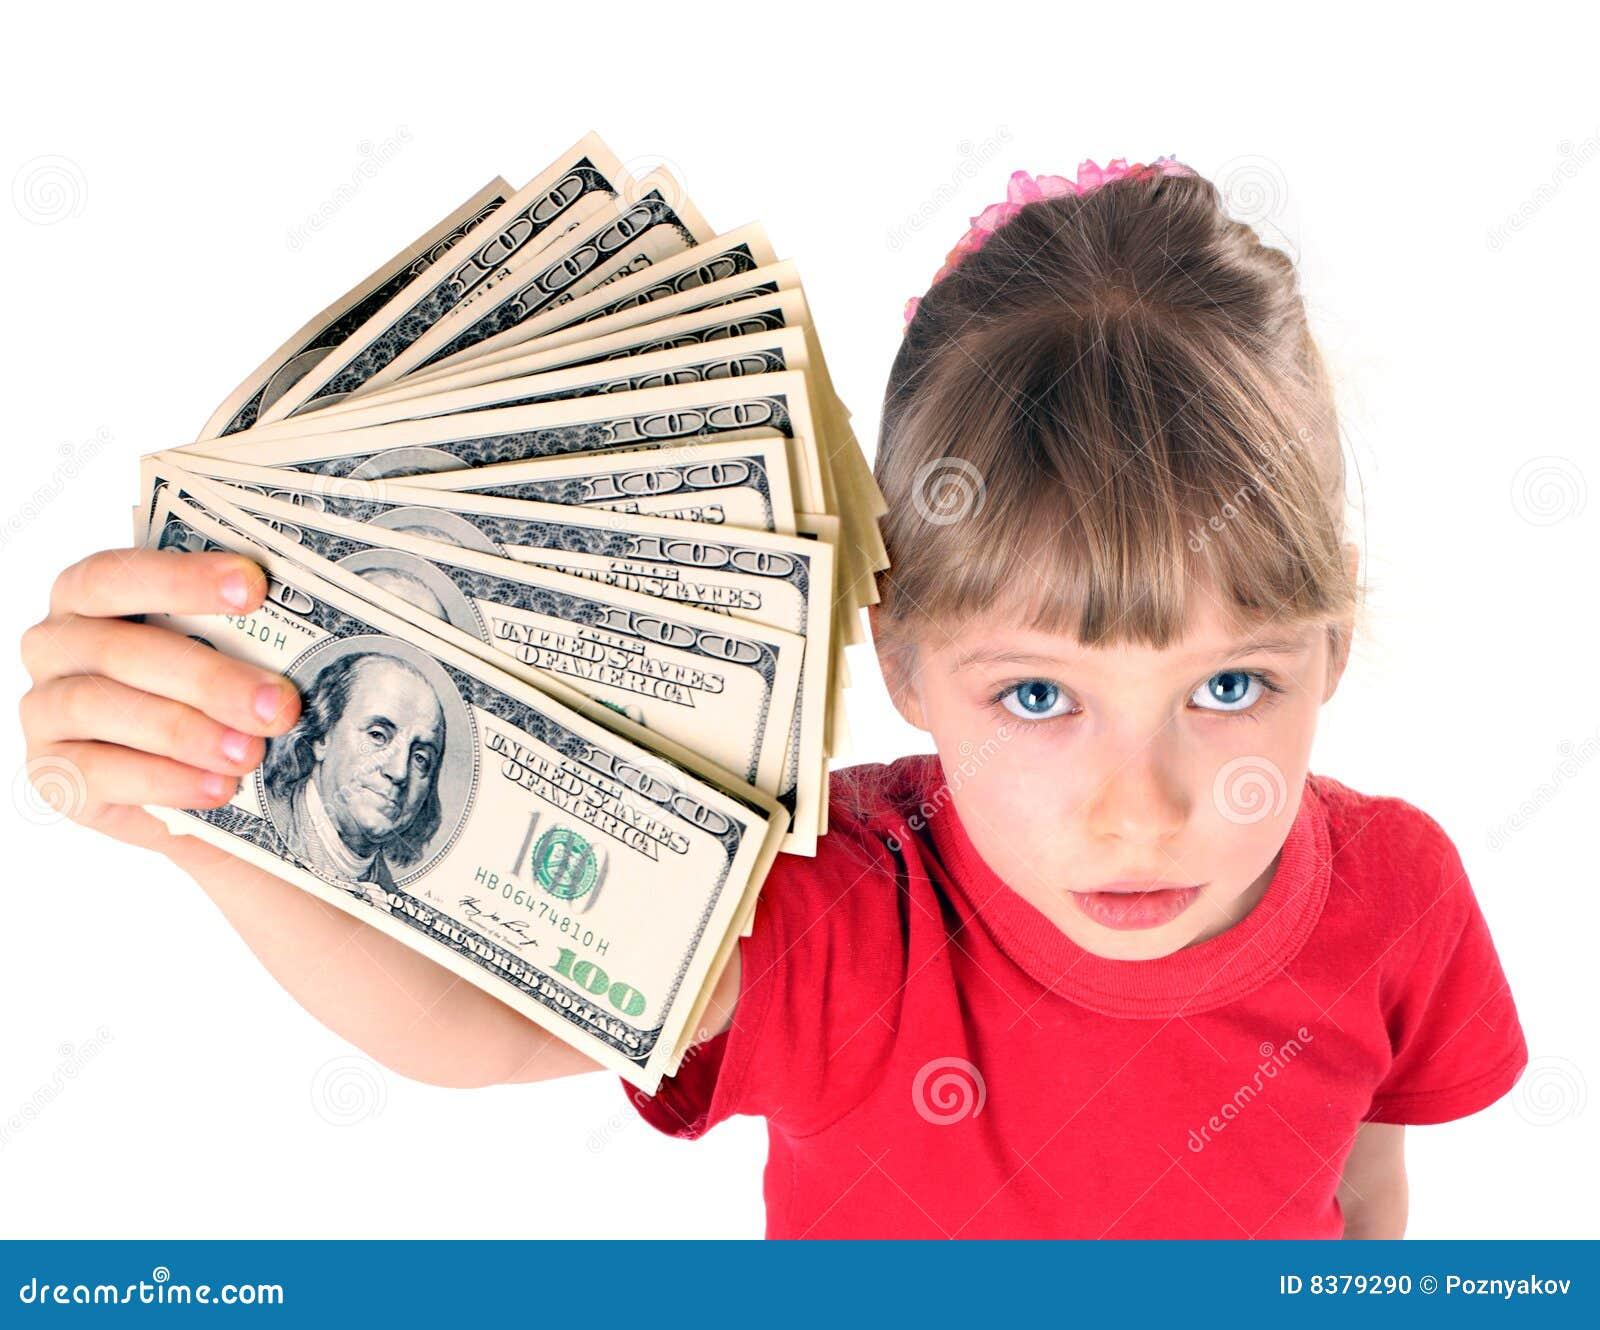 Если родители не сдают деньги на подарки